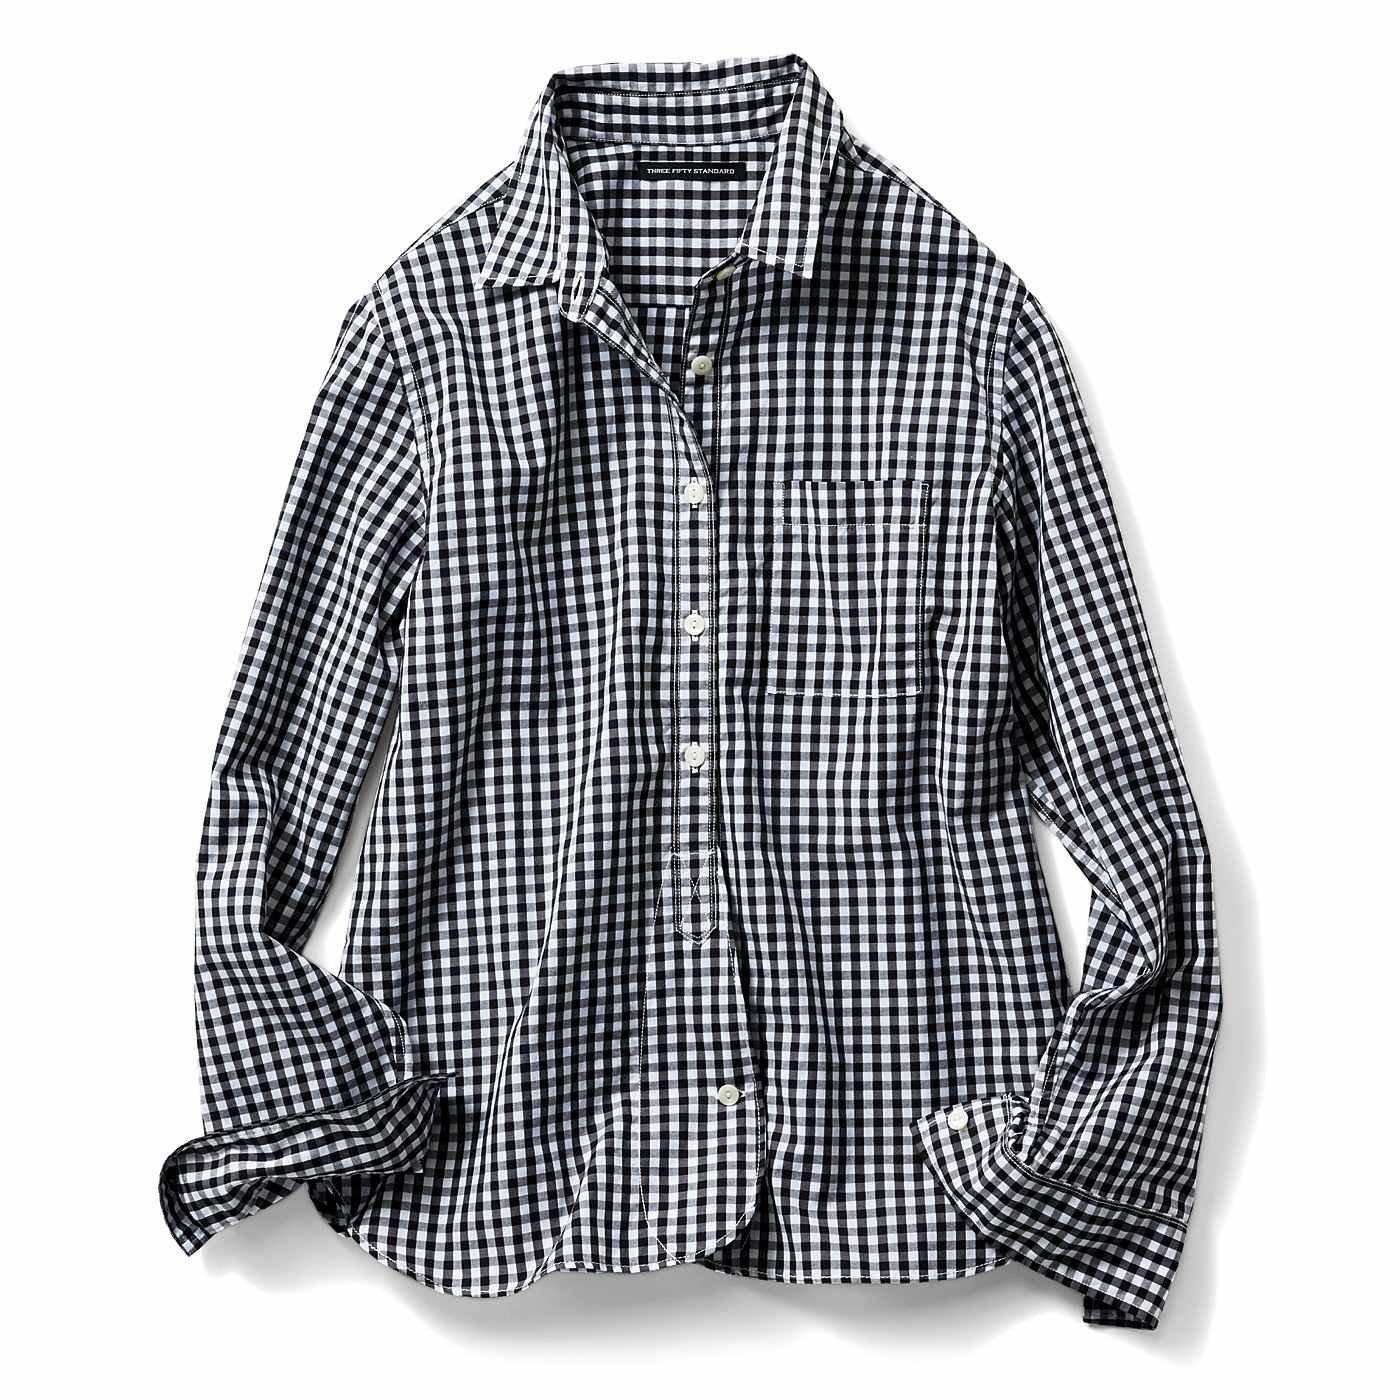 THREE FIFTY STANDARD スタンダード先染めチェックシャツ〈ブラック〉